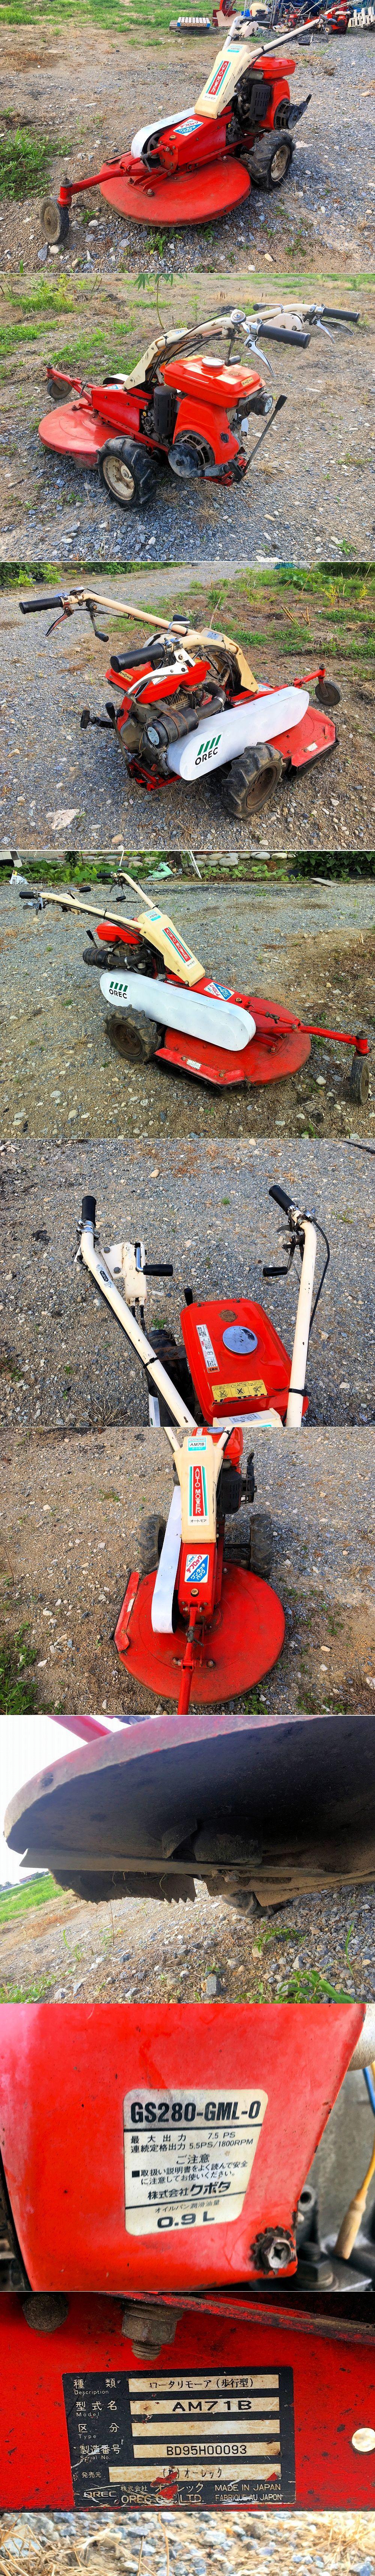 草刈機 中古 ロータリーモア オーレック AM71B バックギア付 低速 高速付 7.5馬力 実働品 果樹園等に